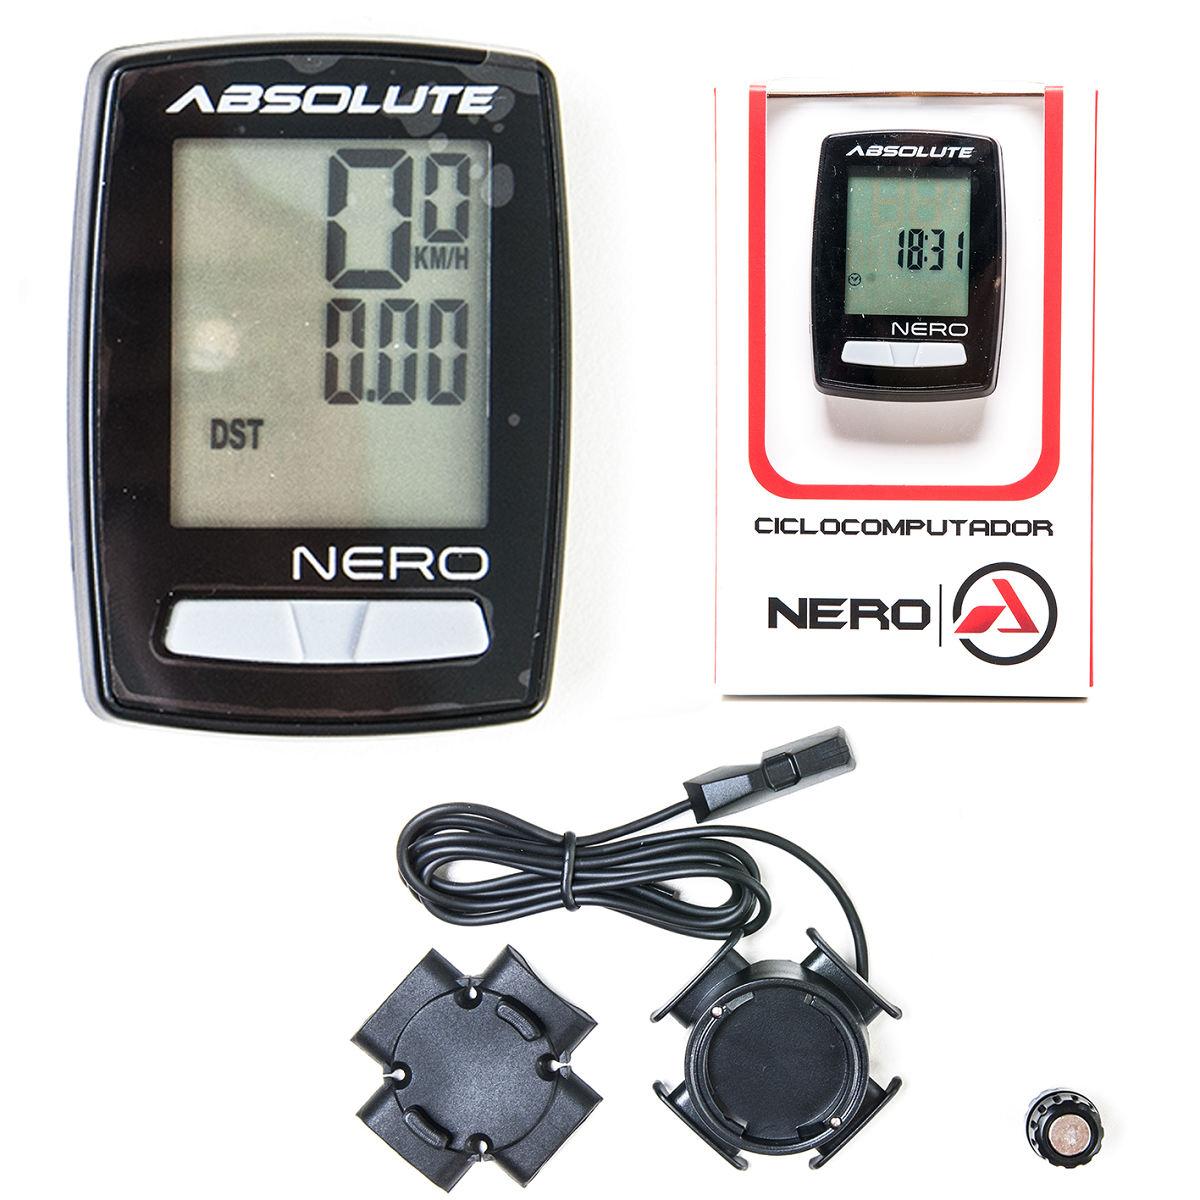 Ciclo computador Absolute Nero